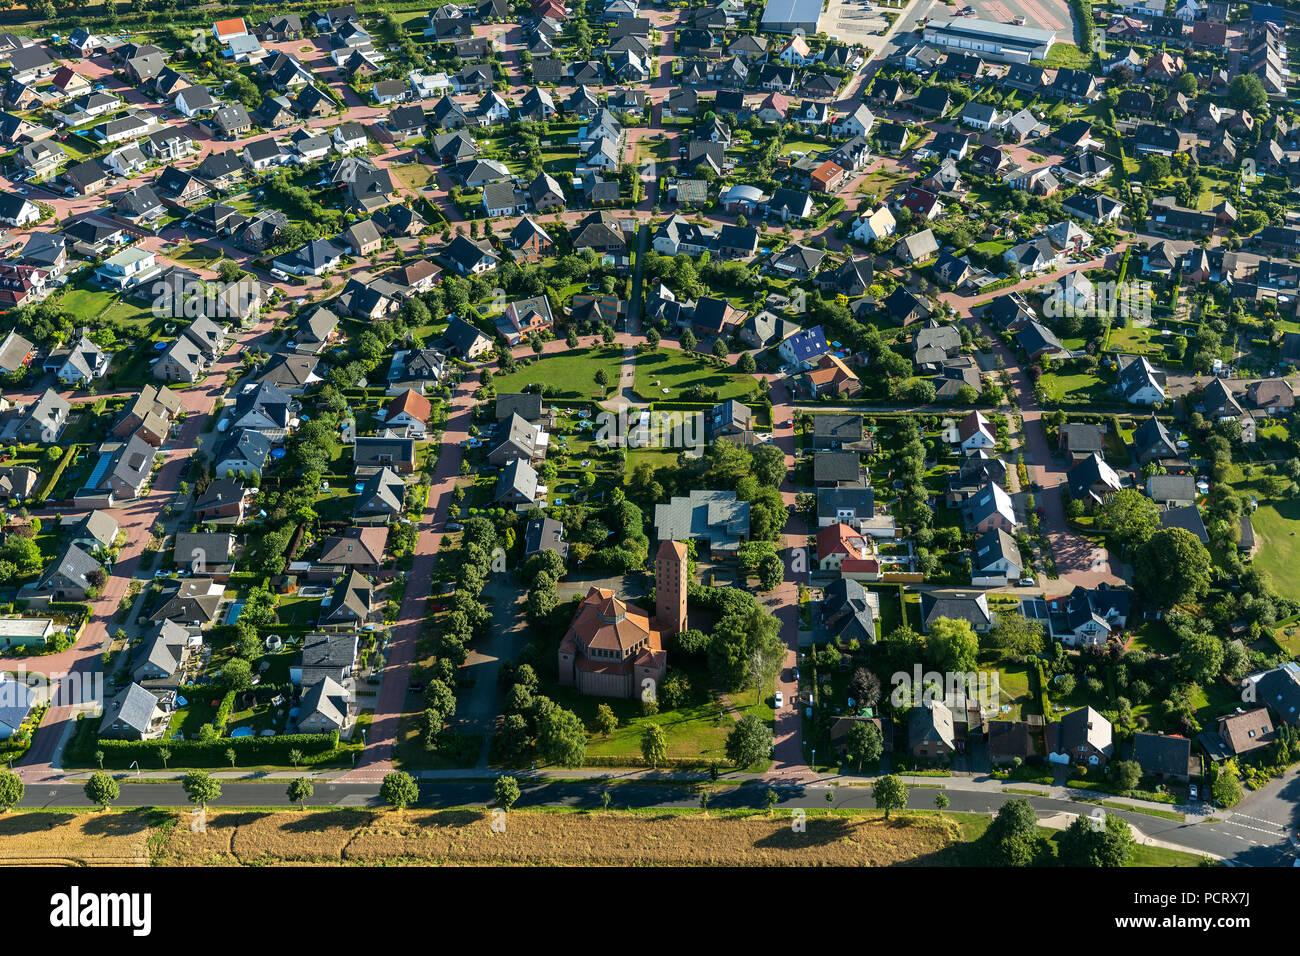 Hufeisen Kontur, Abrechnung mit einem sozialen Zentrum, Kinderspielplatz, Siedlung Hau Reindershof, Bedburg-Hau, Niederrhein, Nordrhein-Westfalen, Deutschland, Europa Stockbild